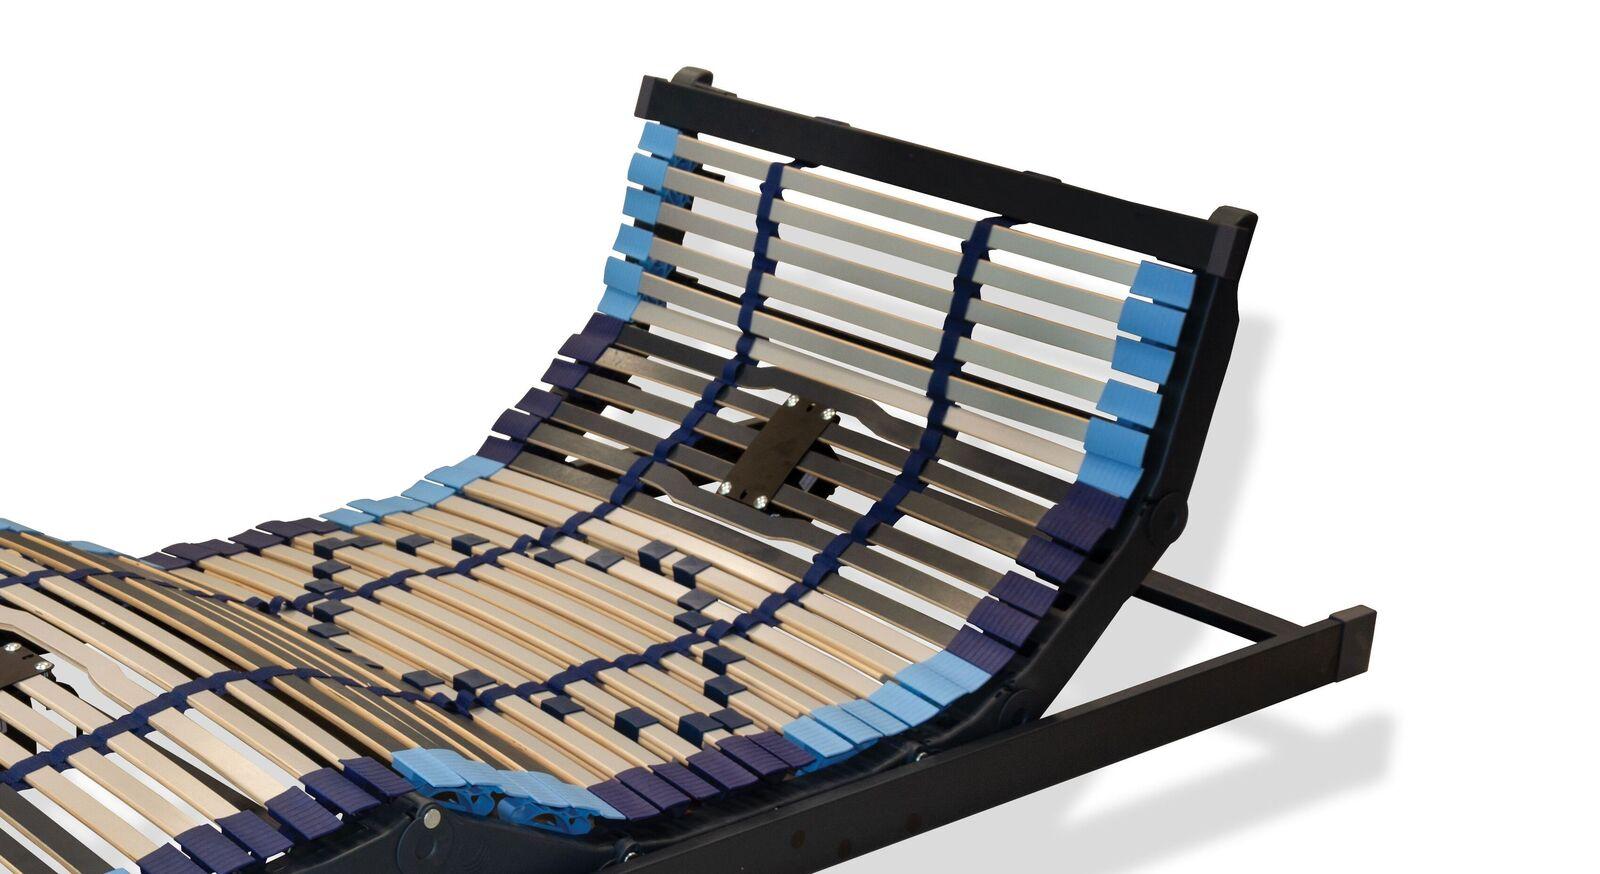 Lattenrost YouSleep Motor relax mit flexibler Schulterabsenkung